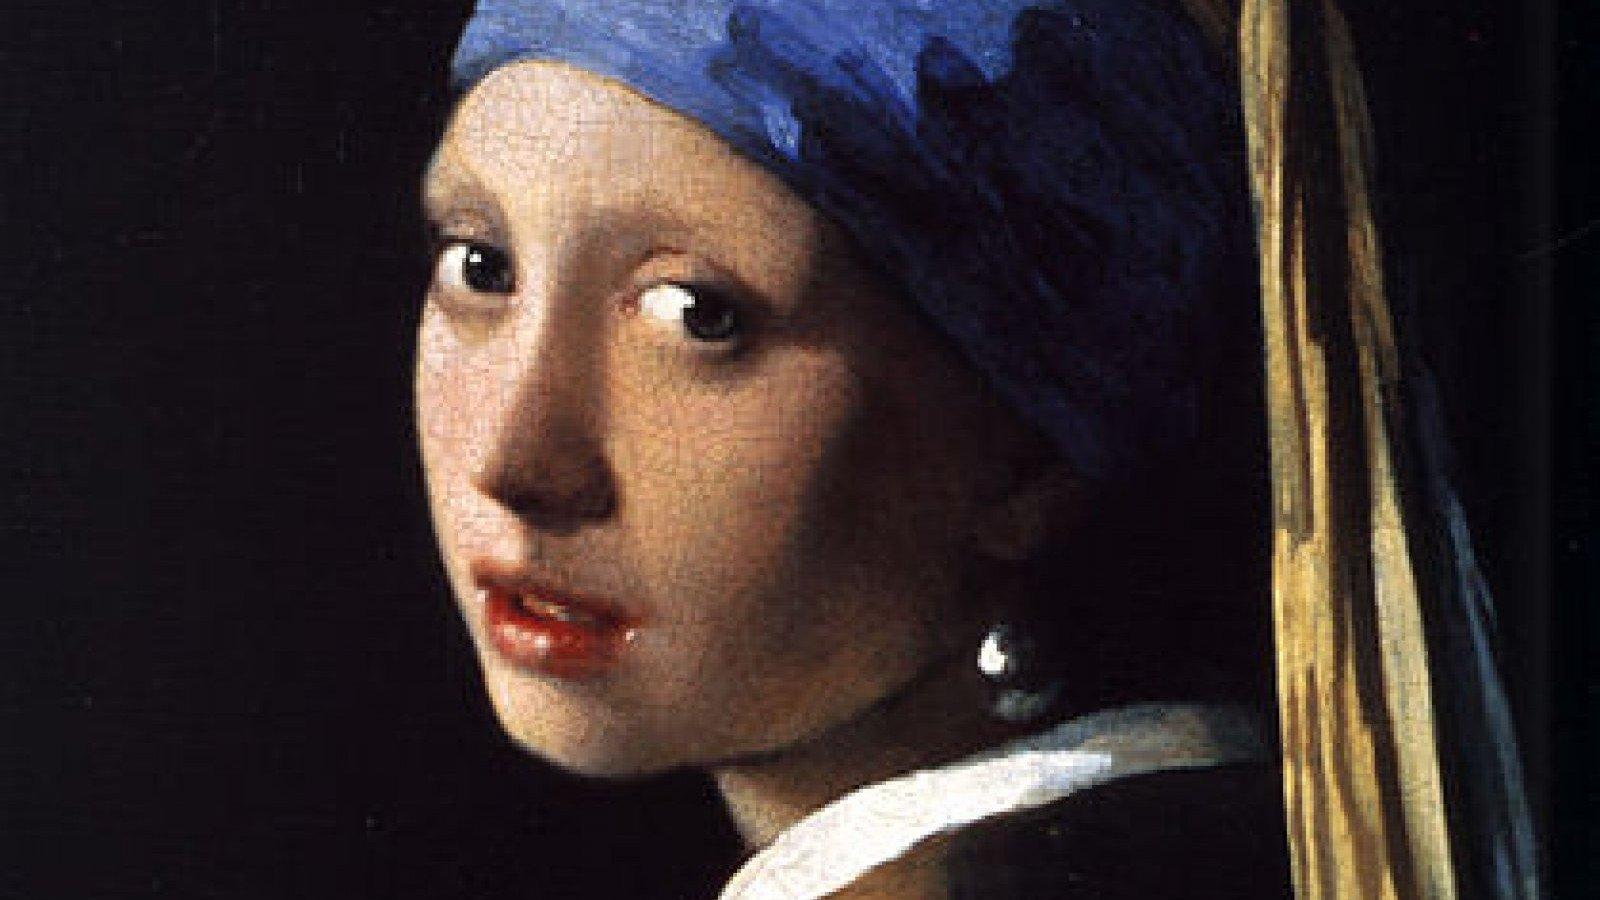 La joven de la perla es uno de los cuadros más famosos de Vermeer.